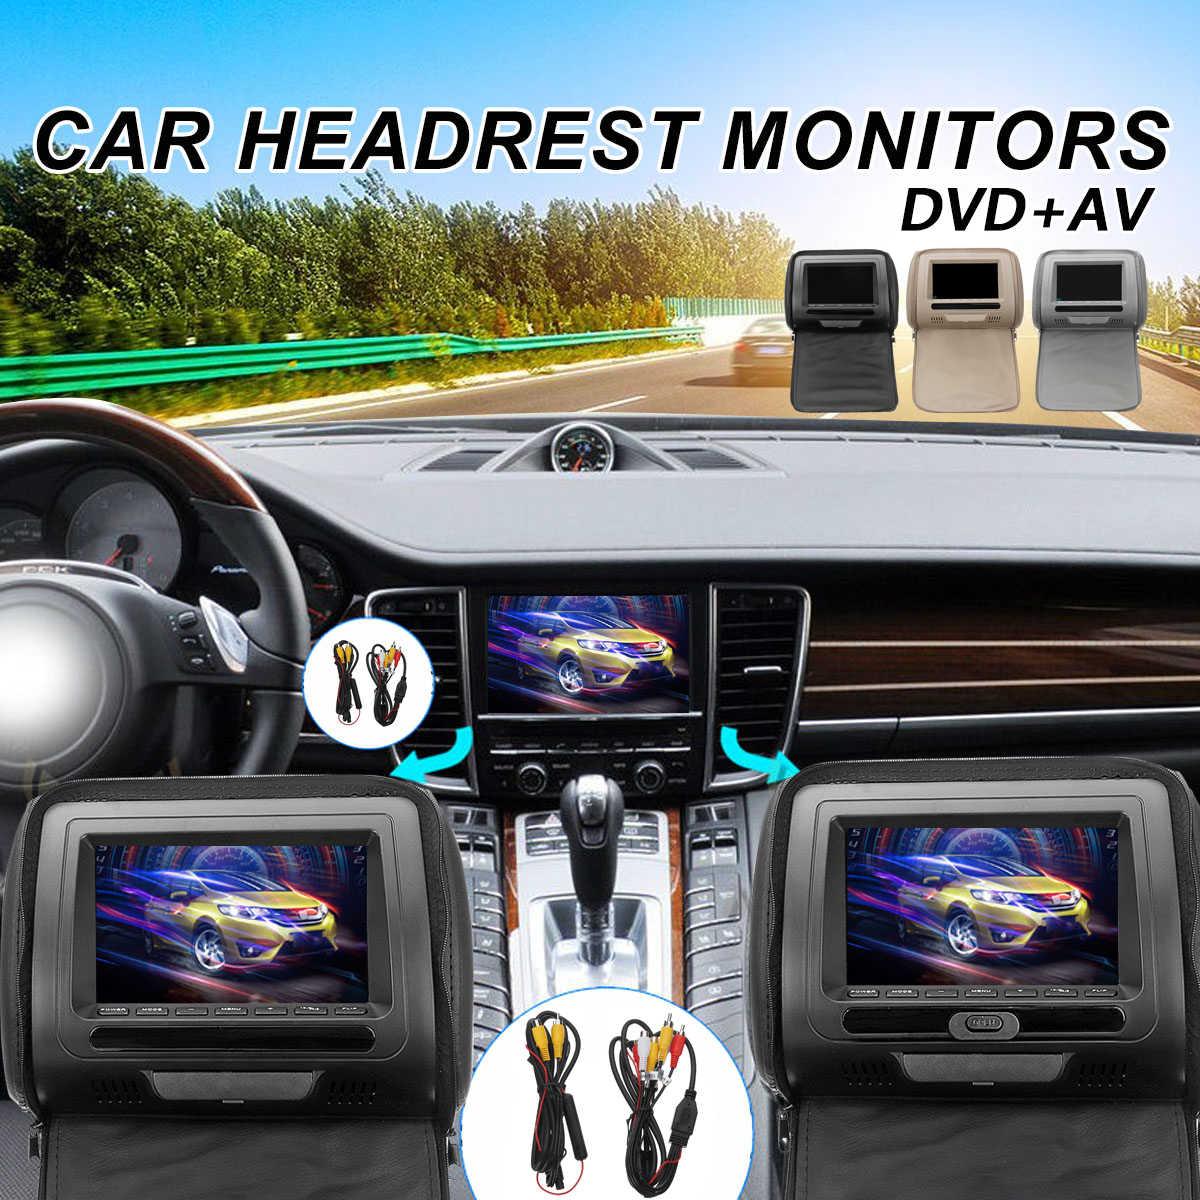 2 قطعة/المجموعة 7 بوصة مشغل أسطوانات للسيارة راصد مسند الرأس LED الرقمية شاشة وسادة اللاسلكية التحكم عن بعد MP5 AV لاعب مراقب